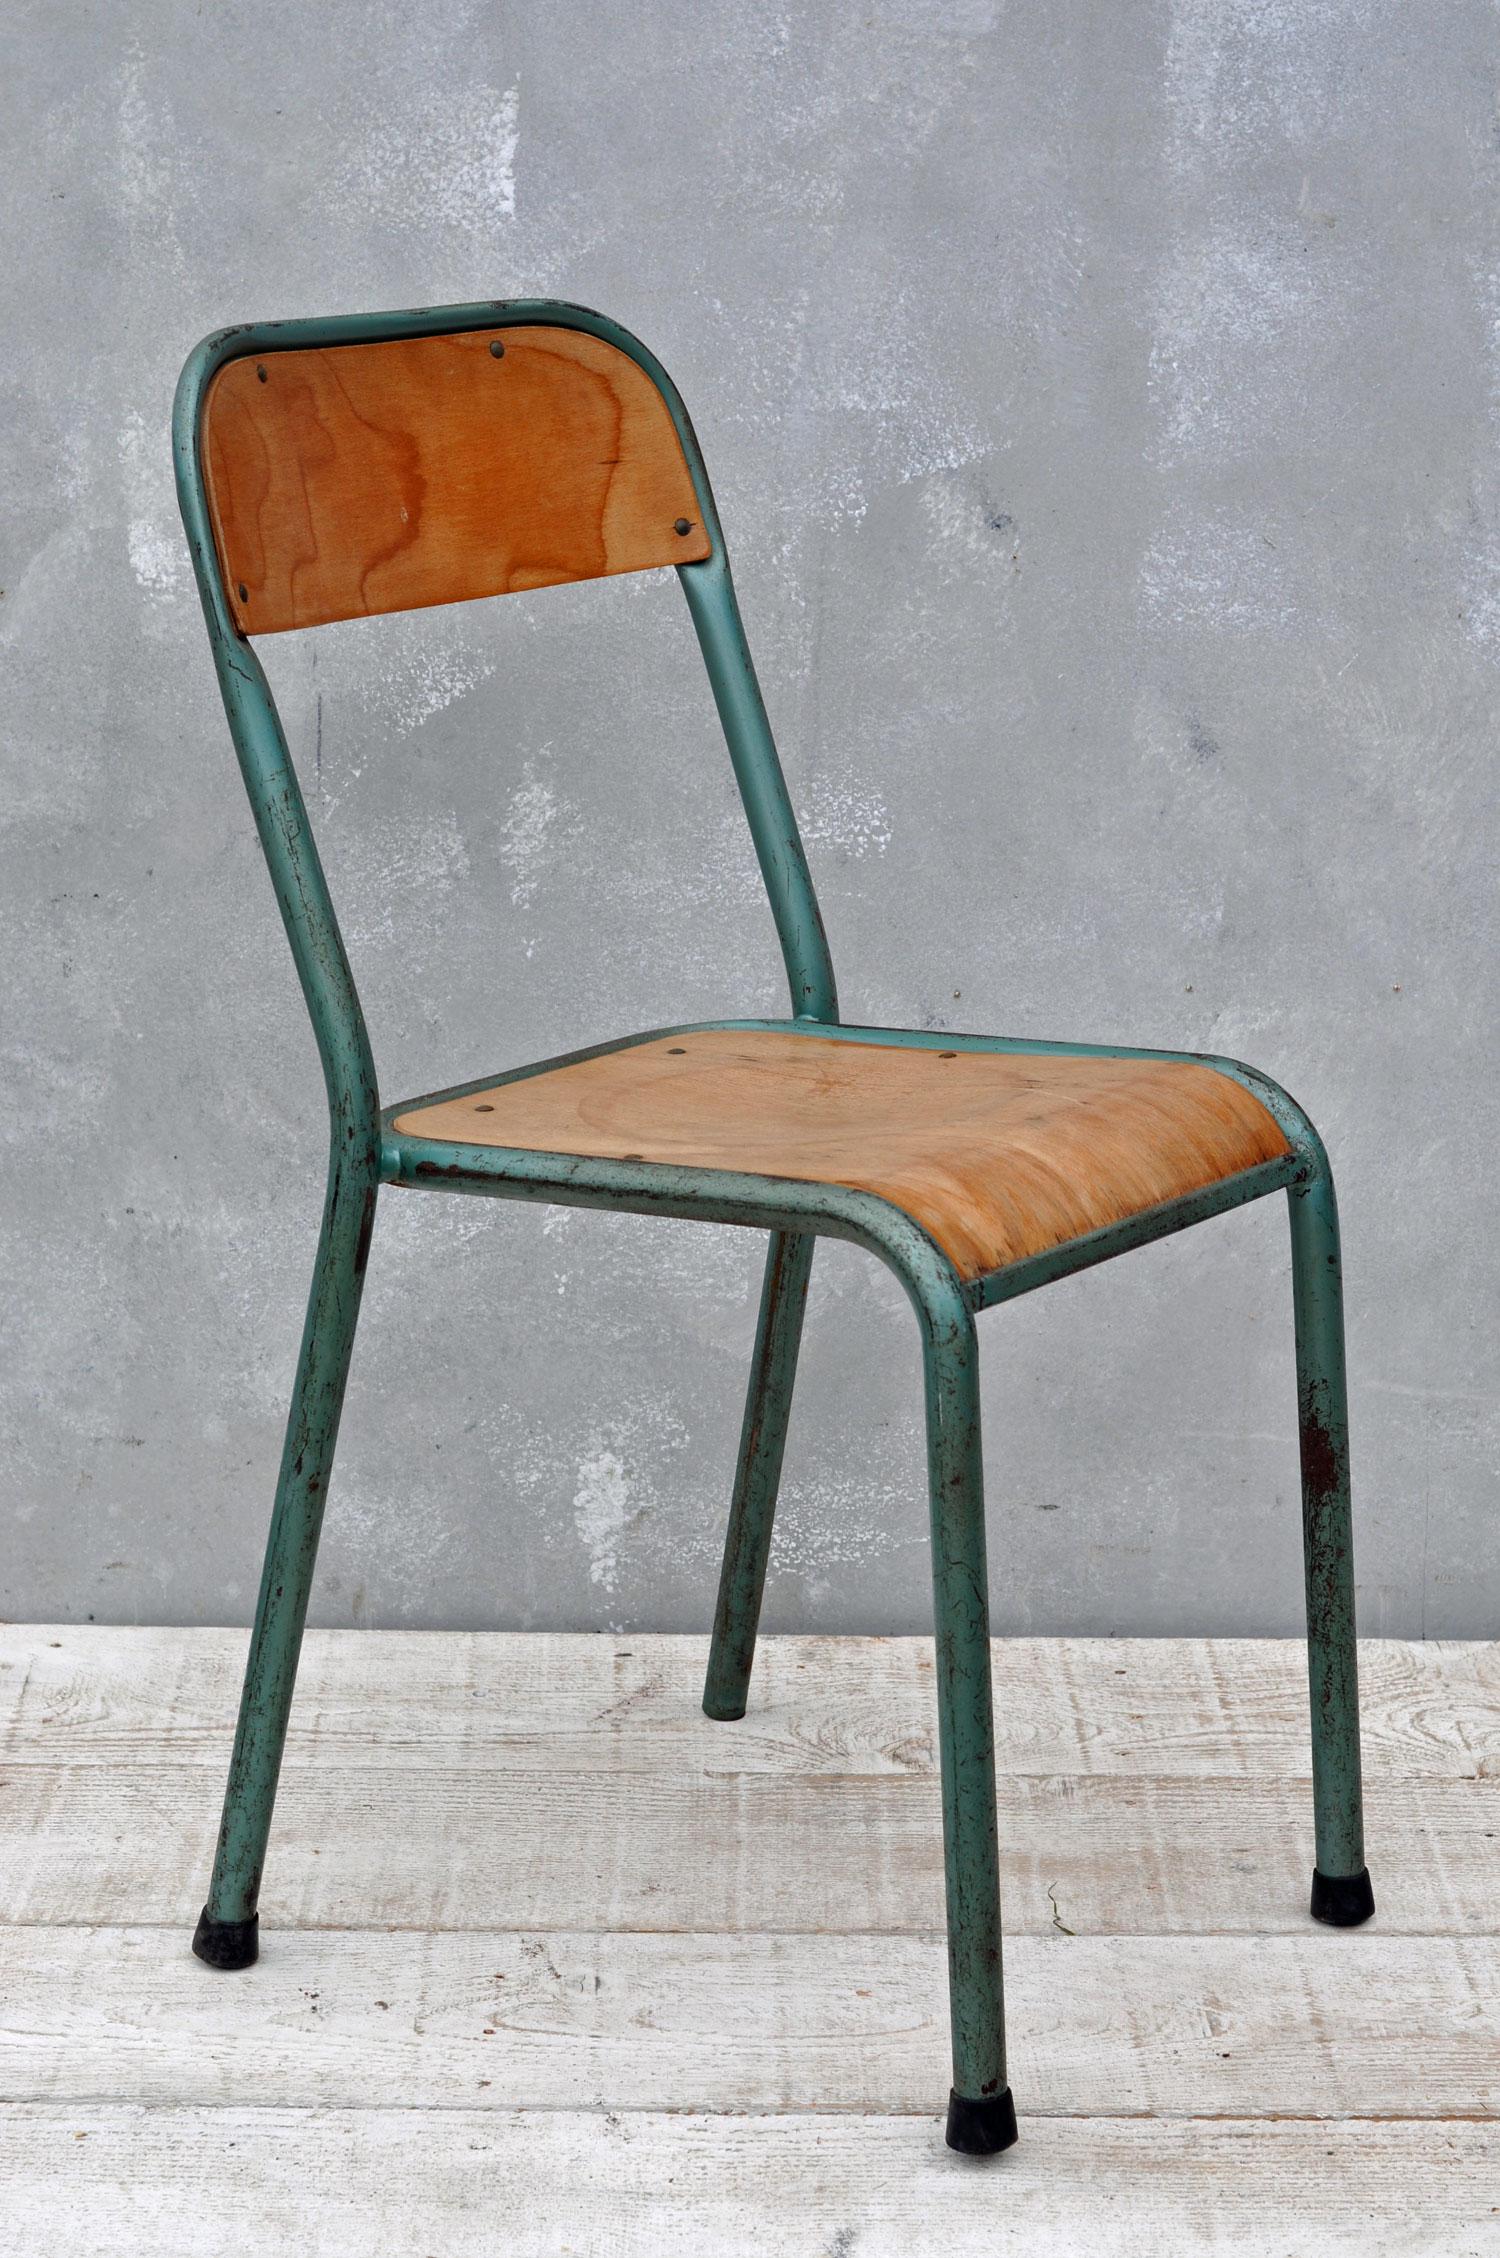 Vintage Industrial Metal Frame Set of Three Chairs